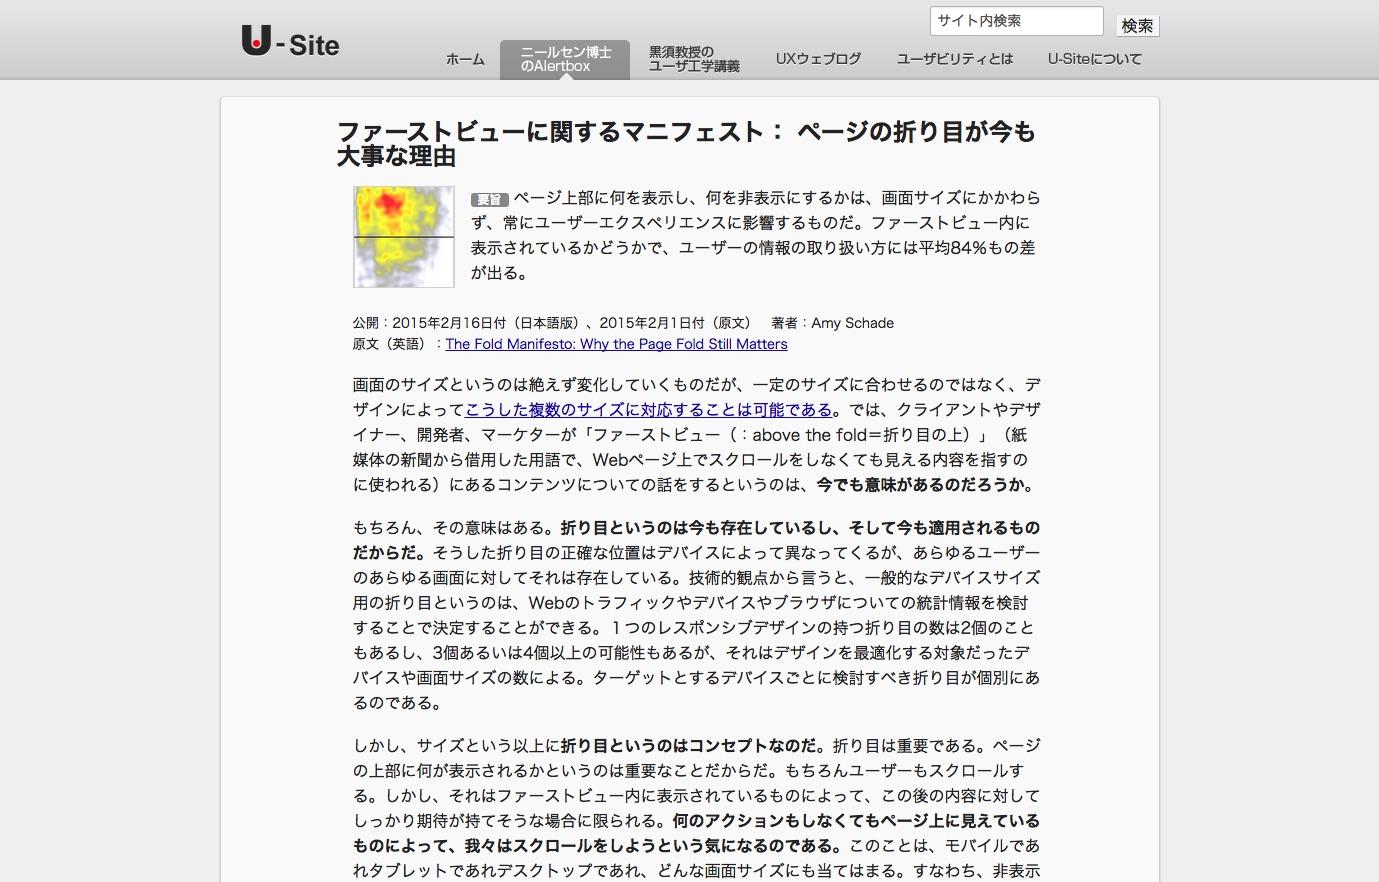 ファーストビューに関するマニフェスト: ページの折り目が今も大事な理由 - U Site